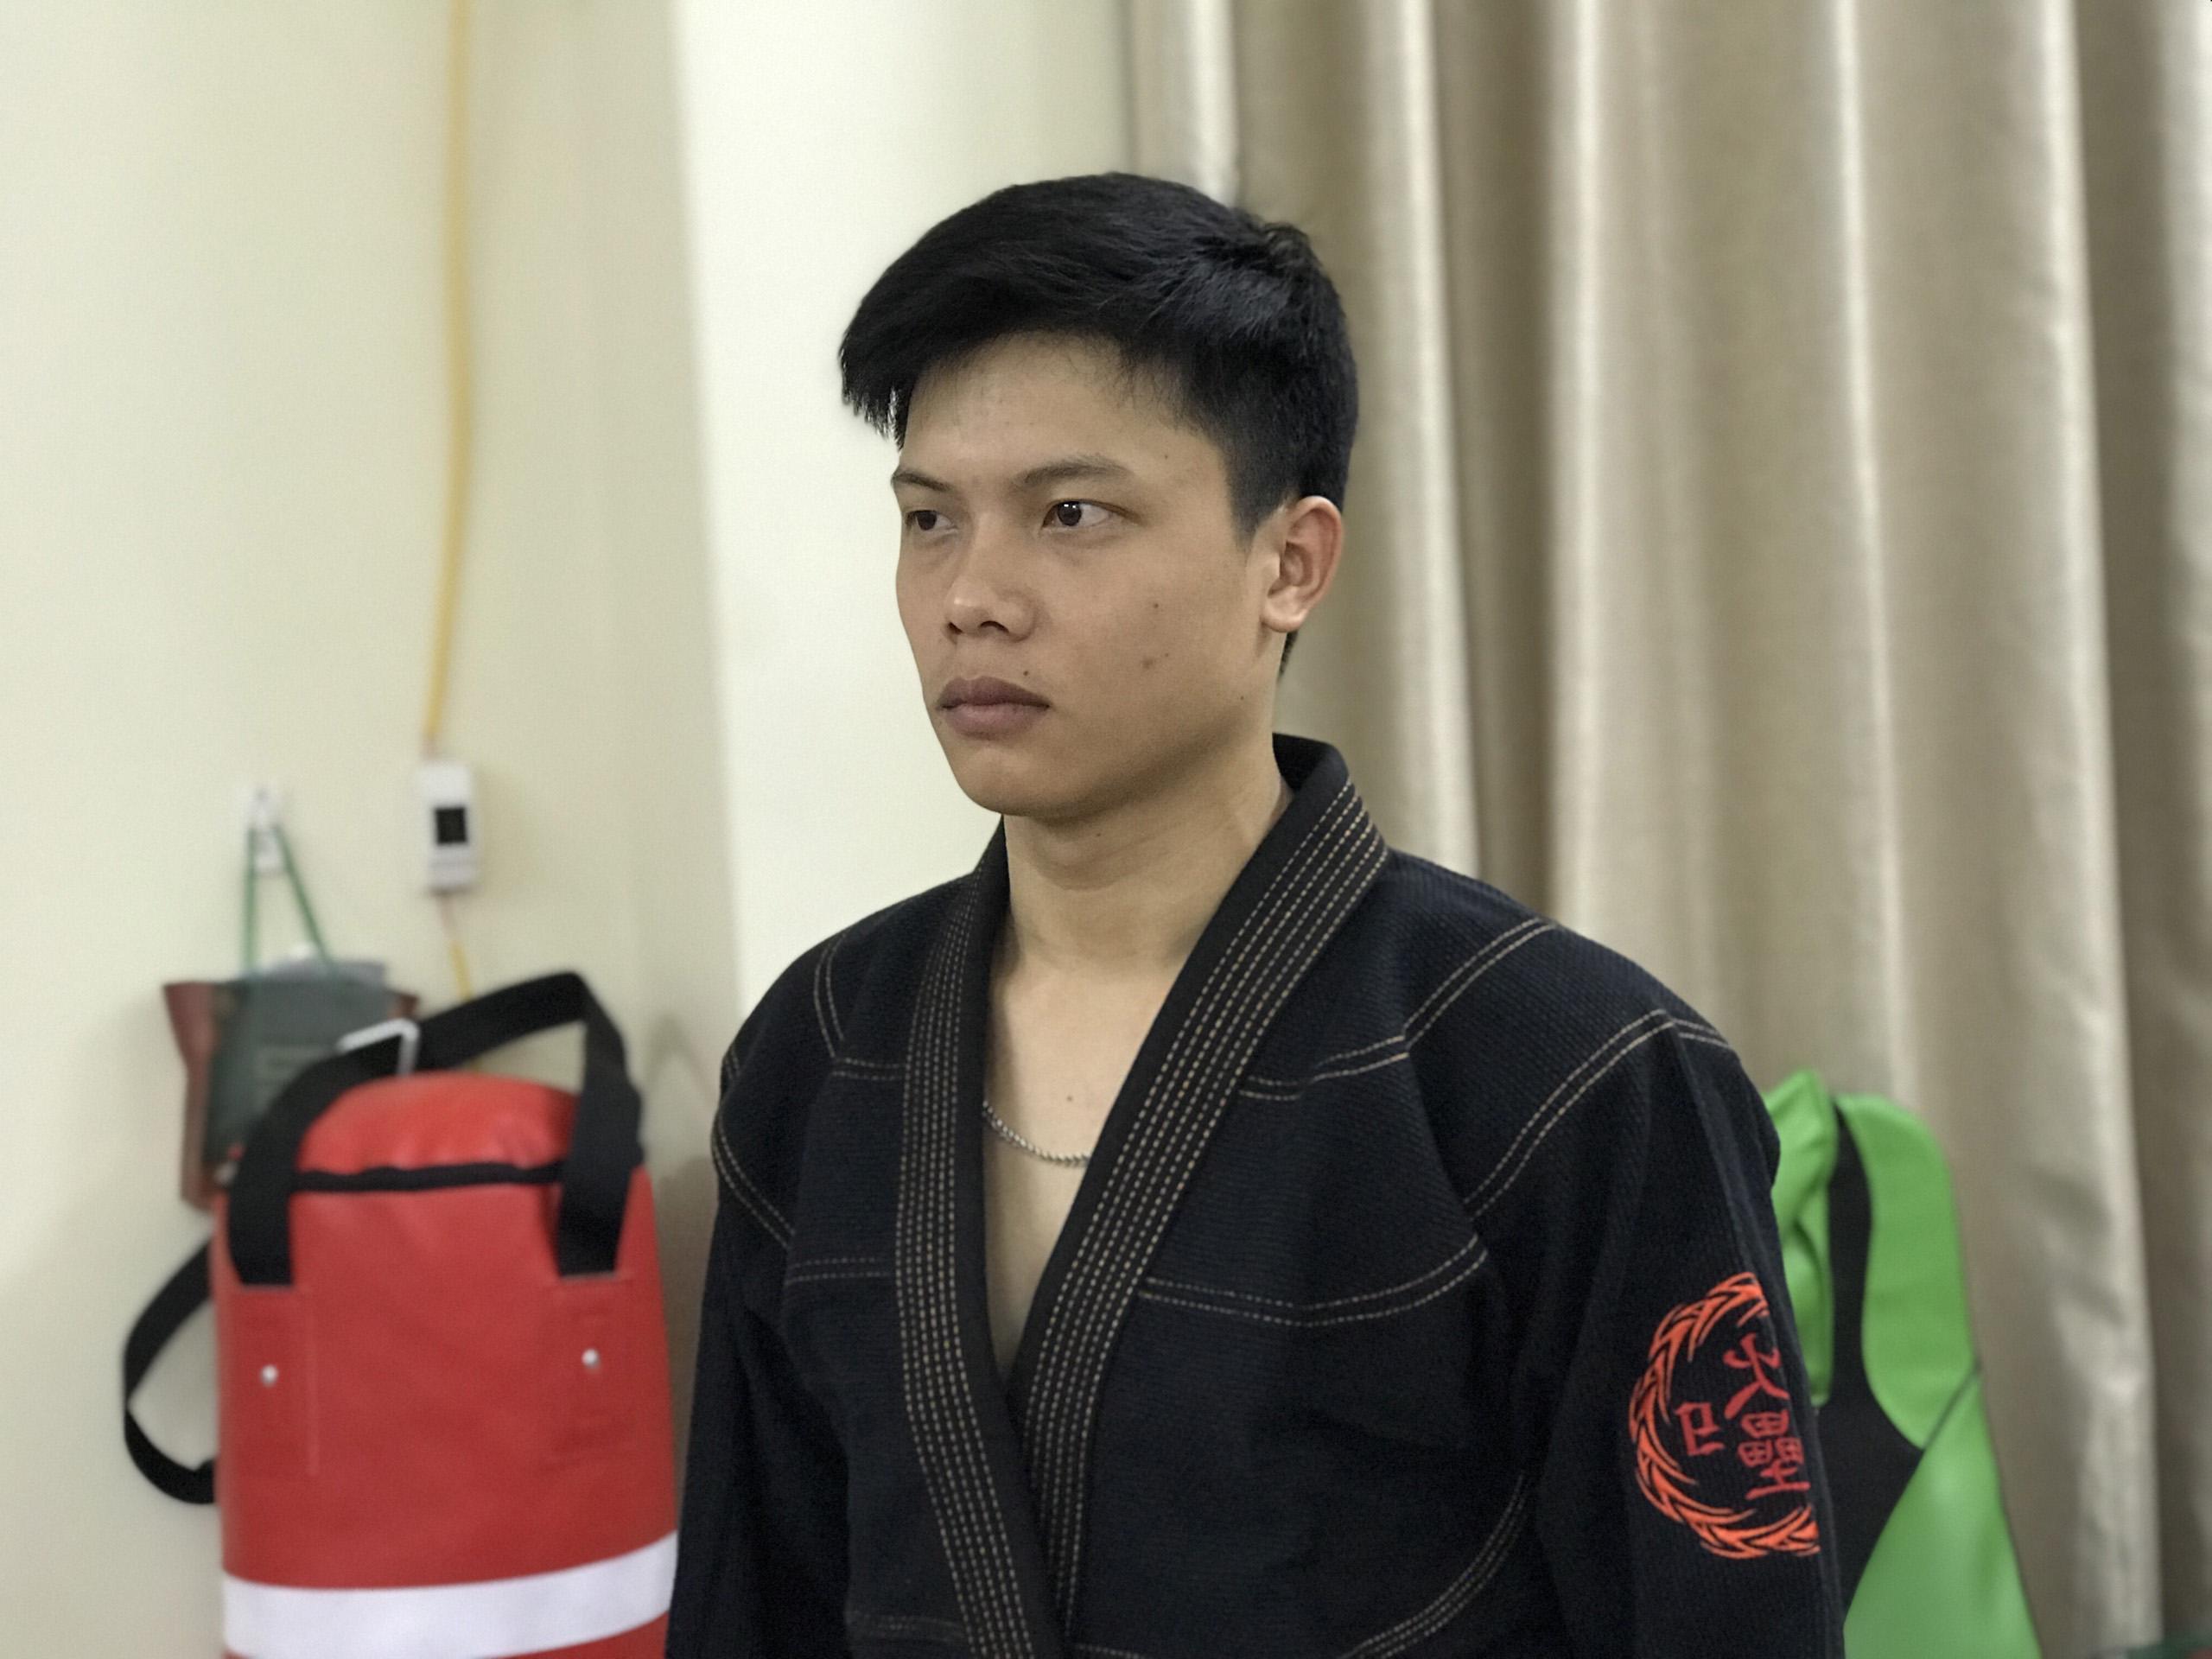 Gi BJJ / Võ Phục Jiu-Jitsu